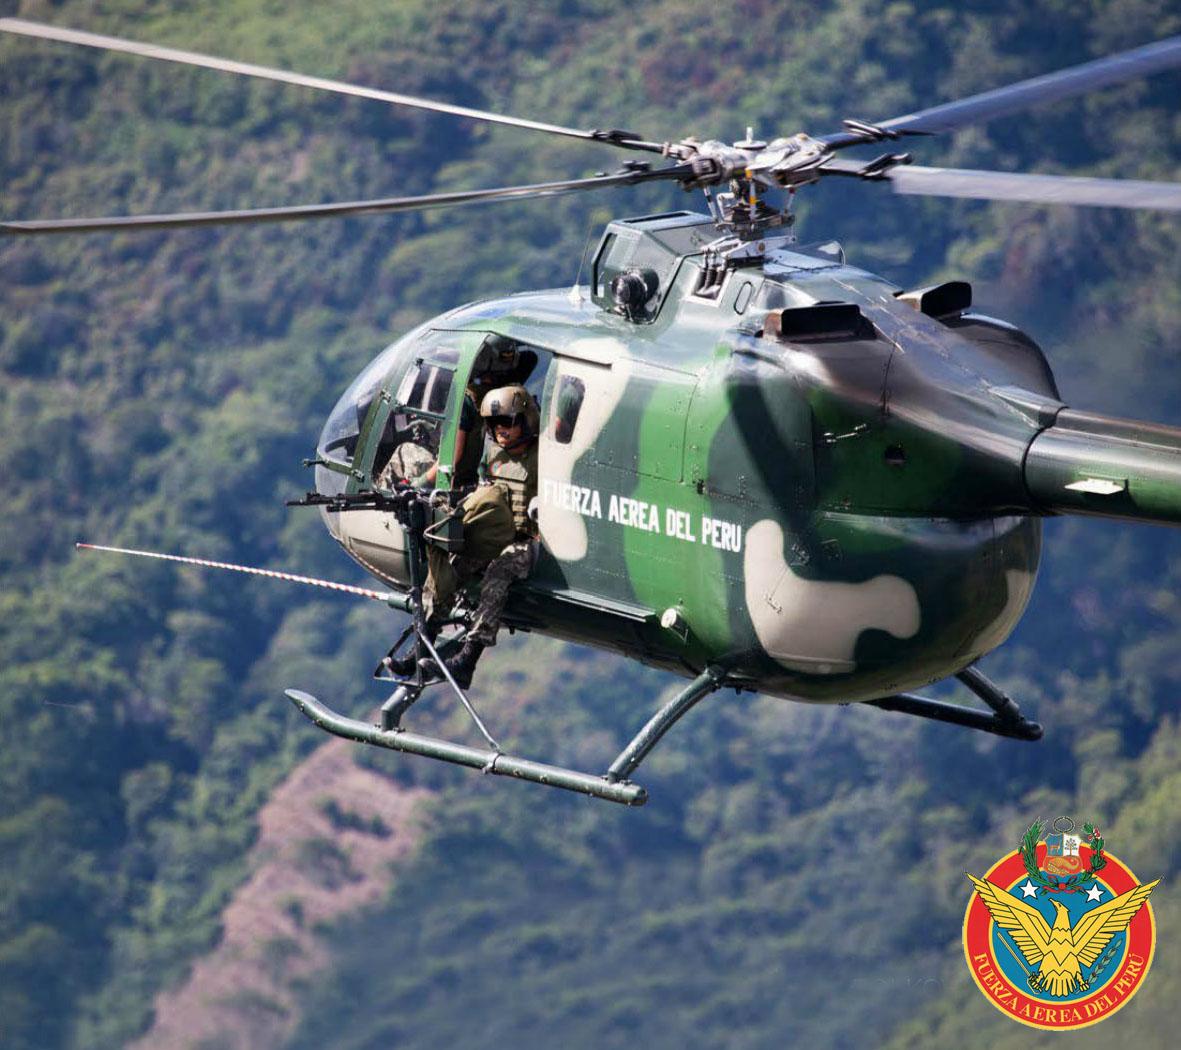 Peru 1_Helicoptero_artillado_FAP_copia